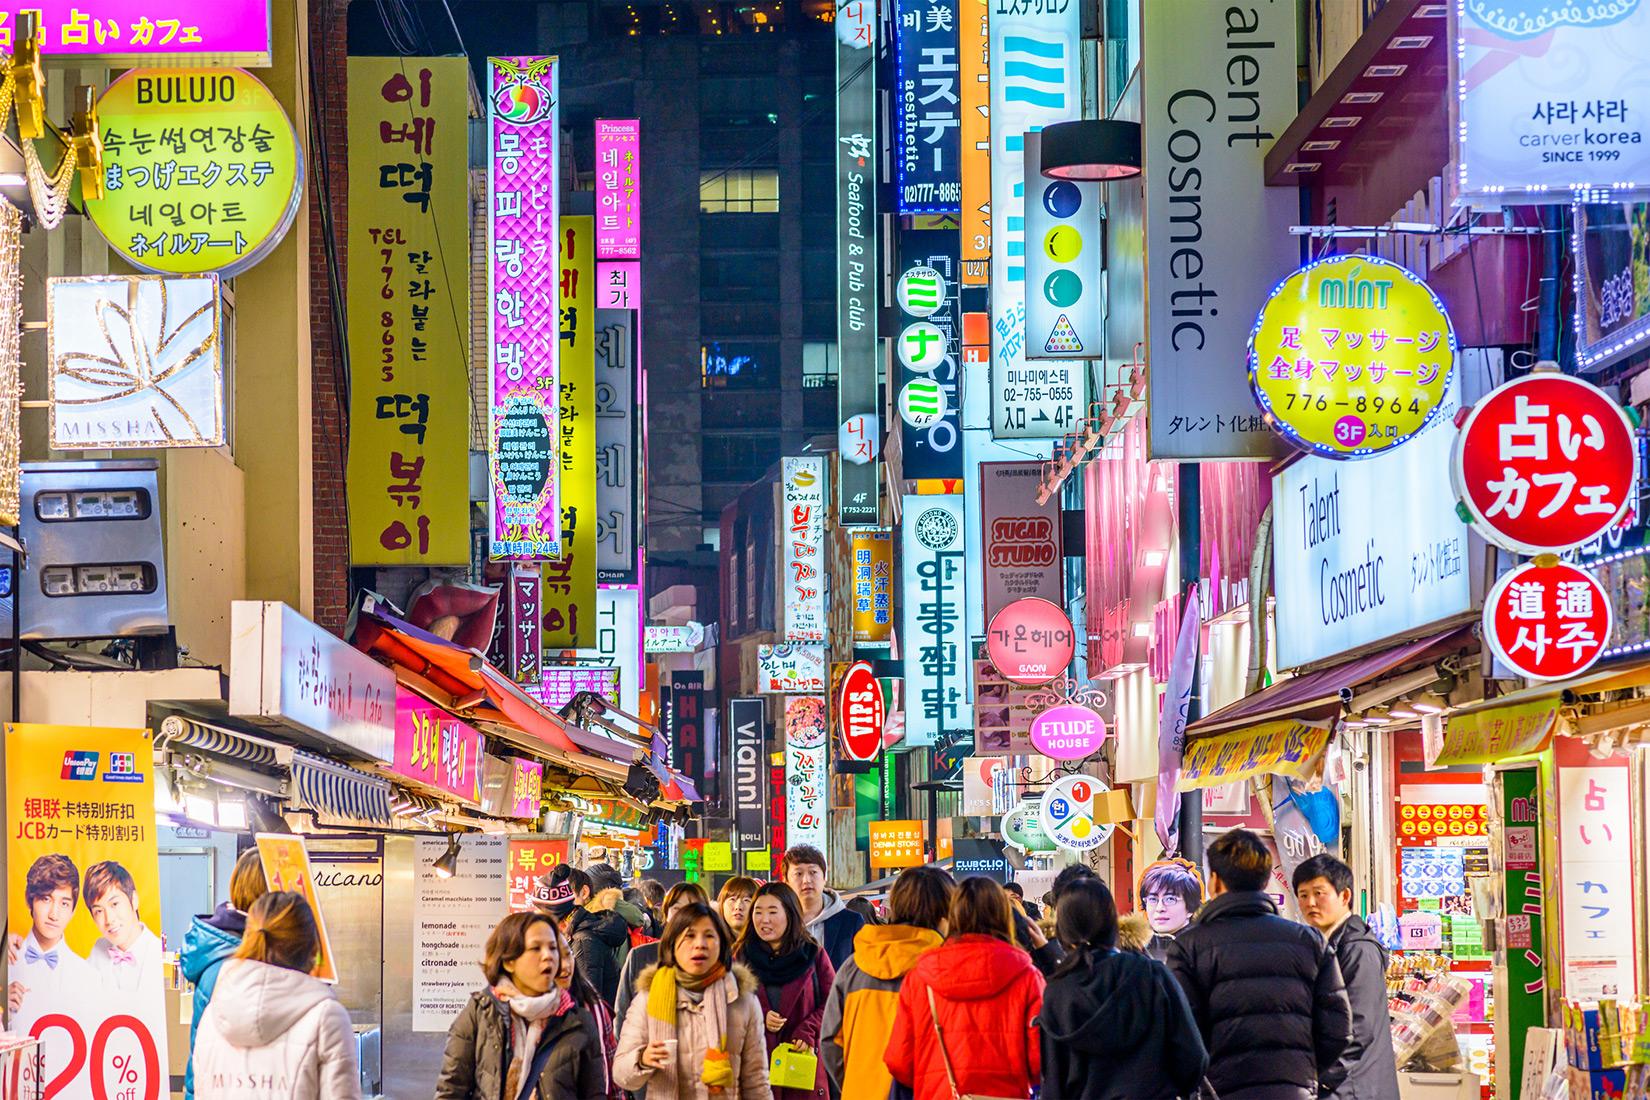 ポスト・コロナへ動き出した韓国政治 -権力機関改革の行方-